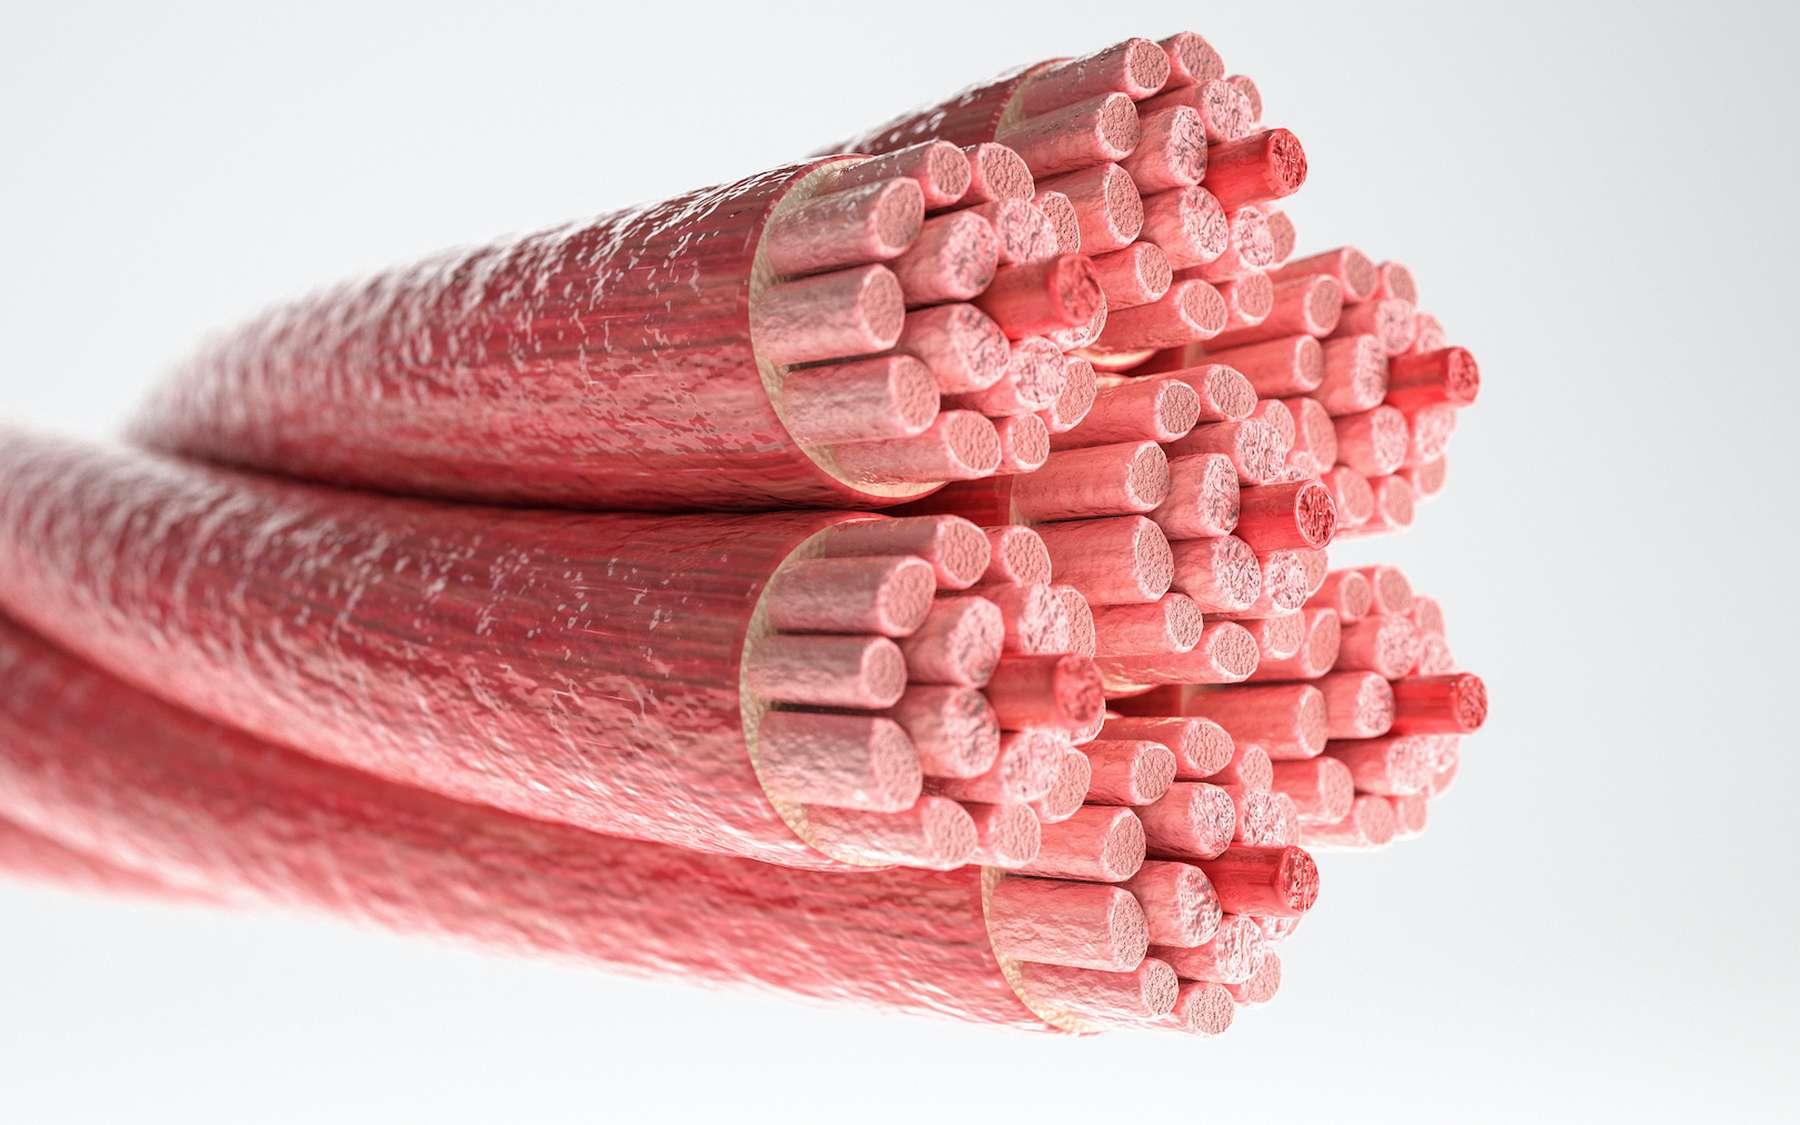 Les fibres musculaires, plus solides que le Kevlar. © Crevis, Adobe Stock